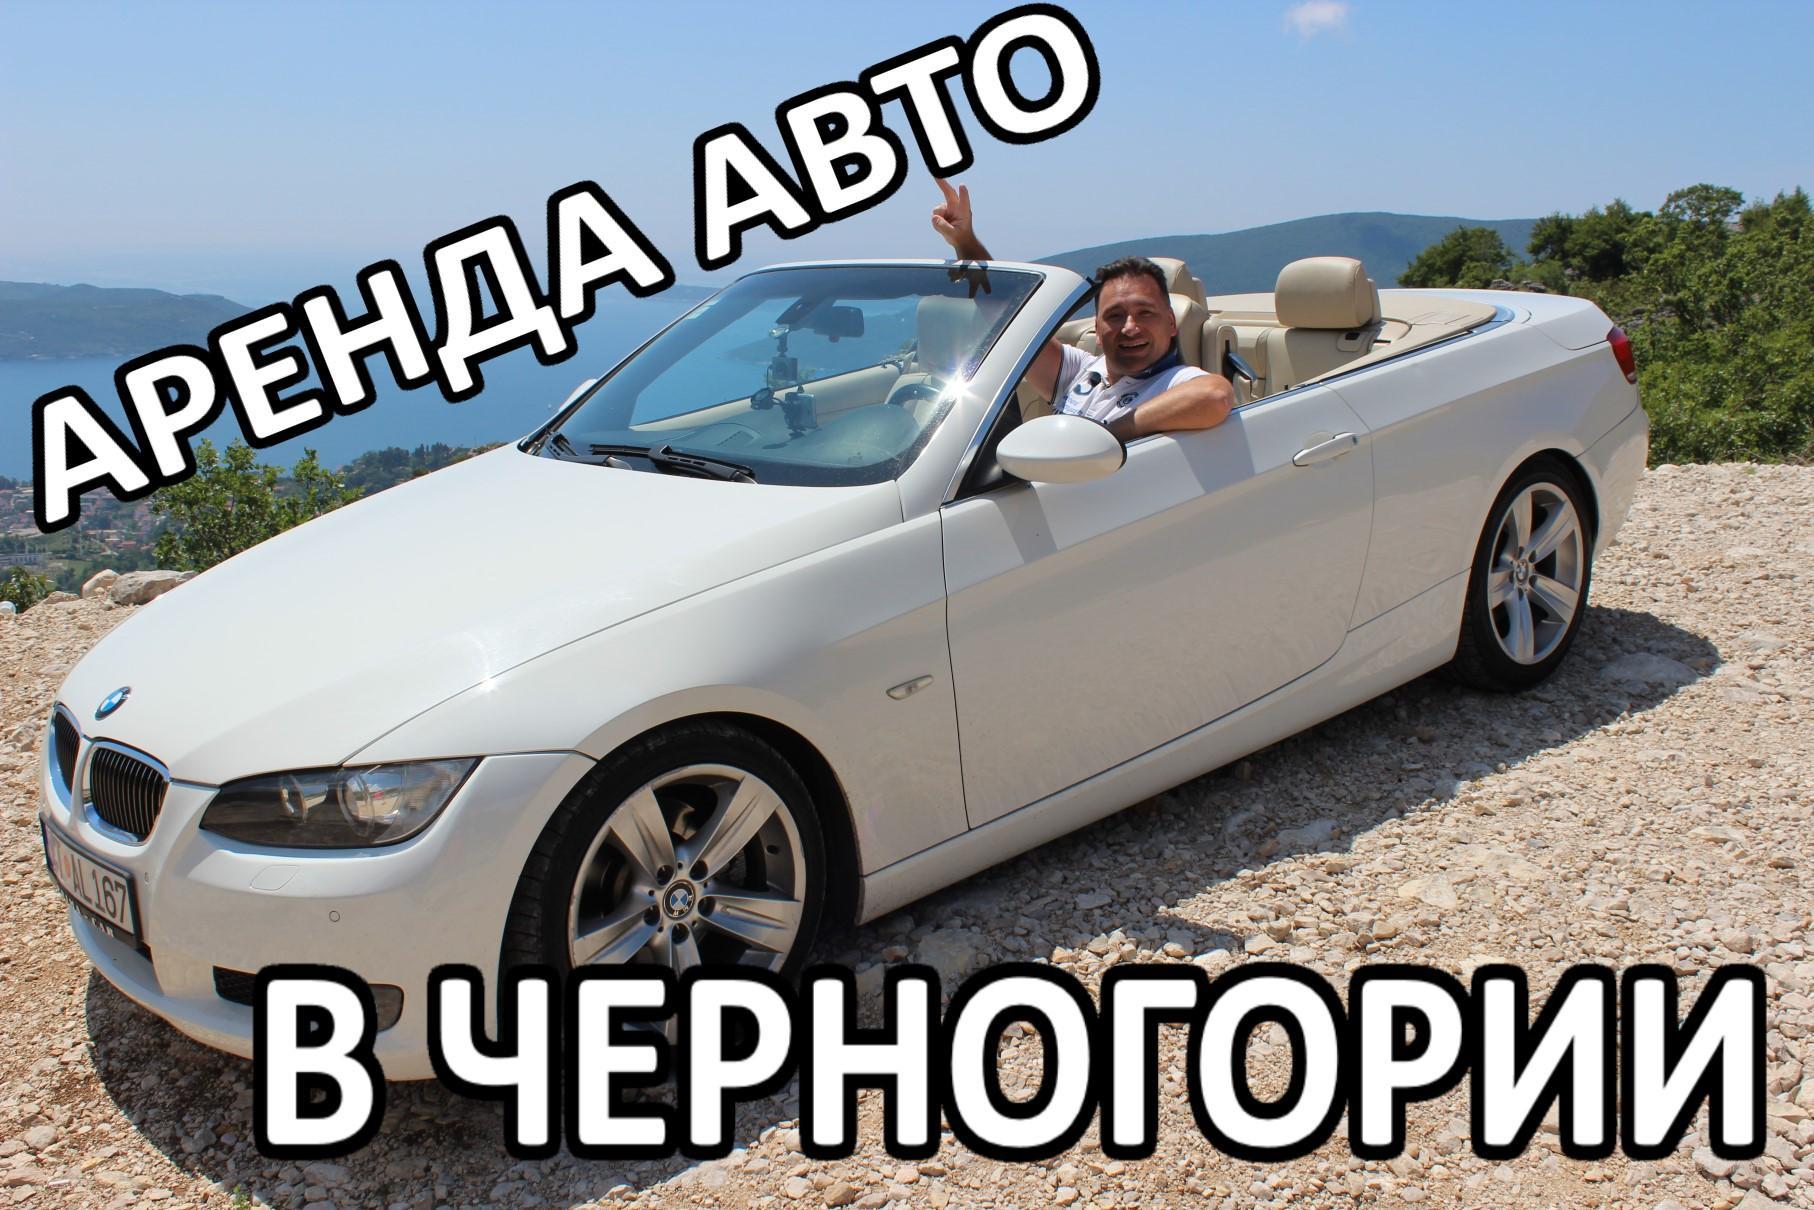 Аренда авто в Черногории Алексей Зимин